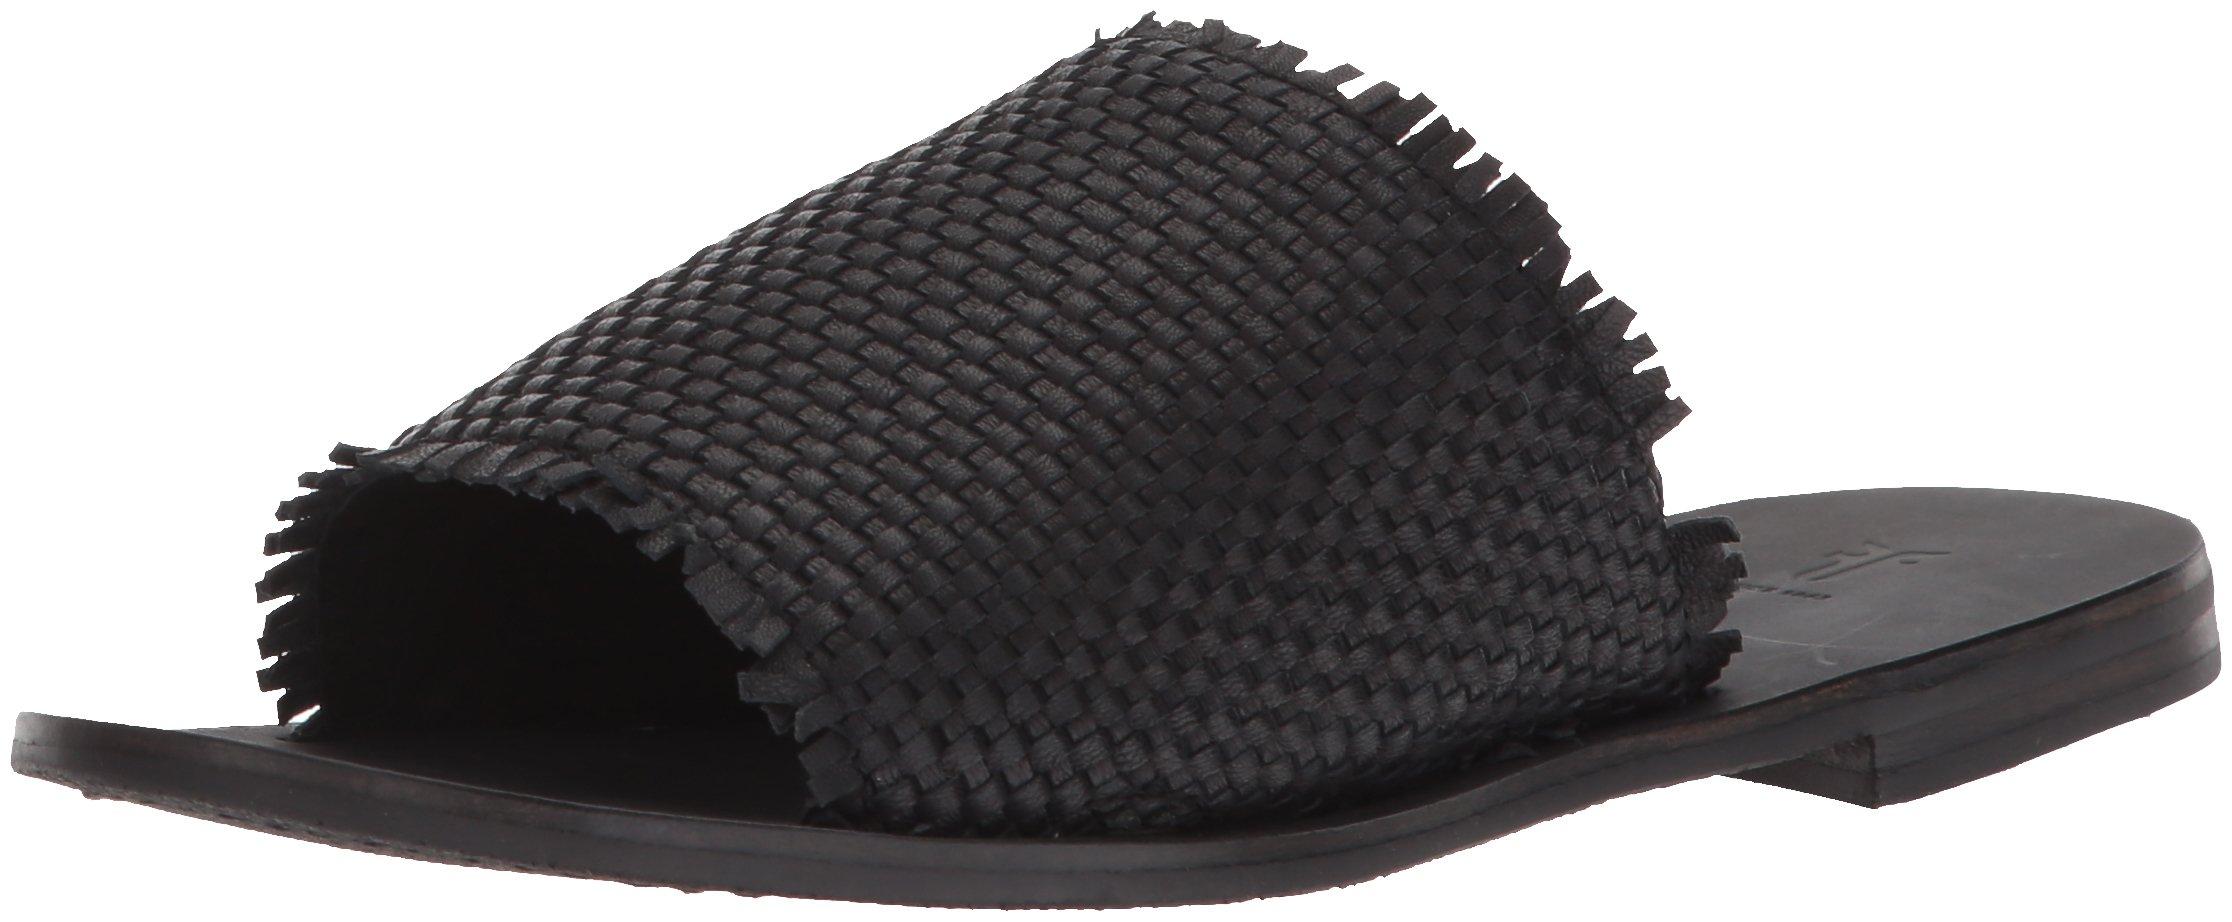 FRYE Women's Riley Woven Slide Sneaker, Black, 10 M US